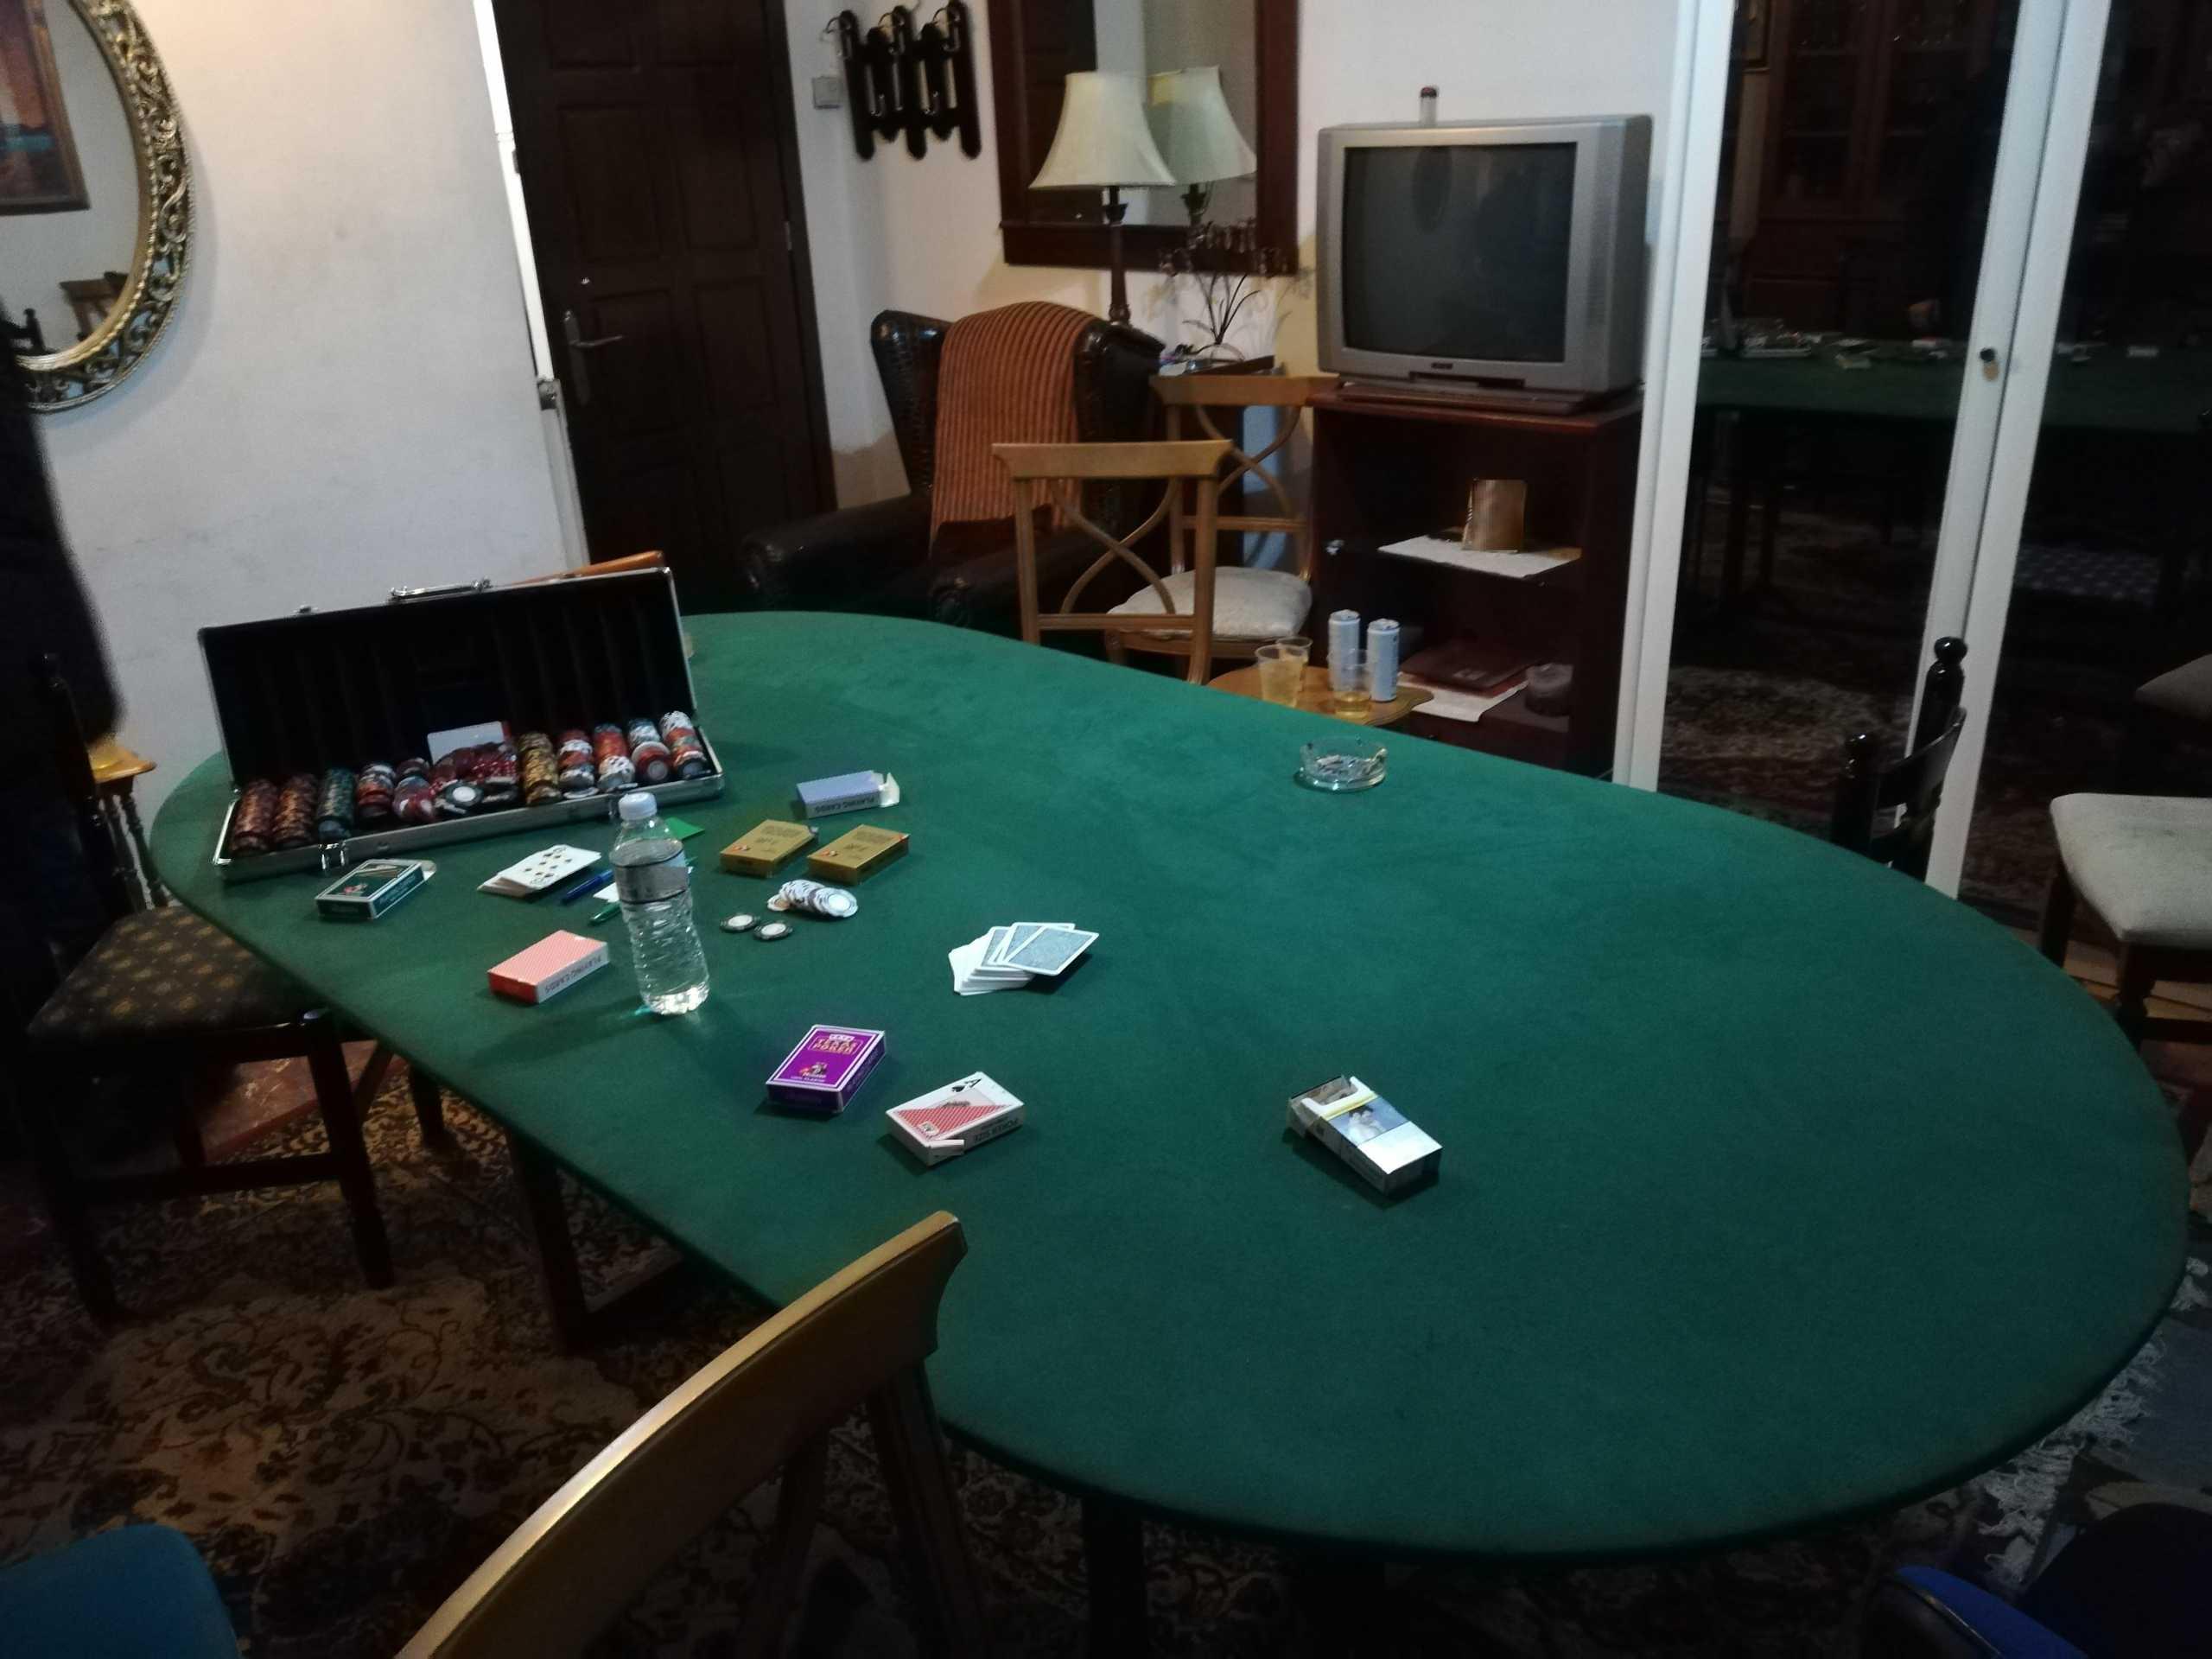 Γιαννιτσά: Κακός χαμός σε αυτό το διαμέρισμα – Δείτε την εικόνα που άφησαν πίσω τους 11 άτομα (pic)